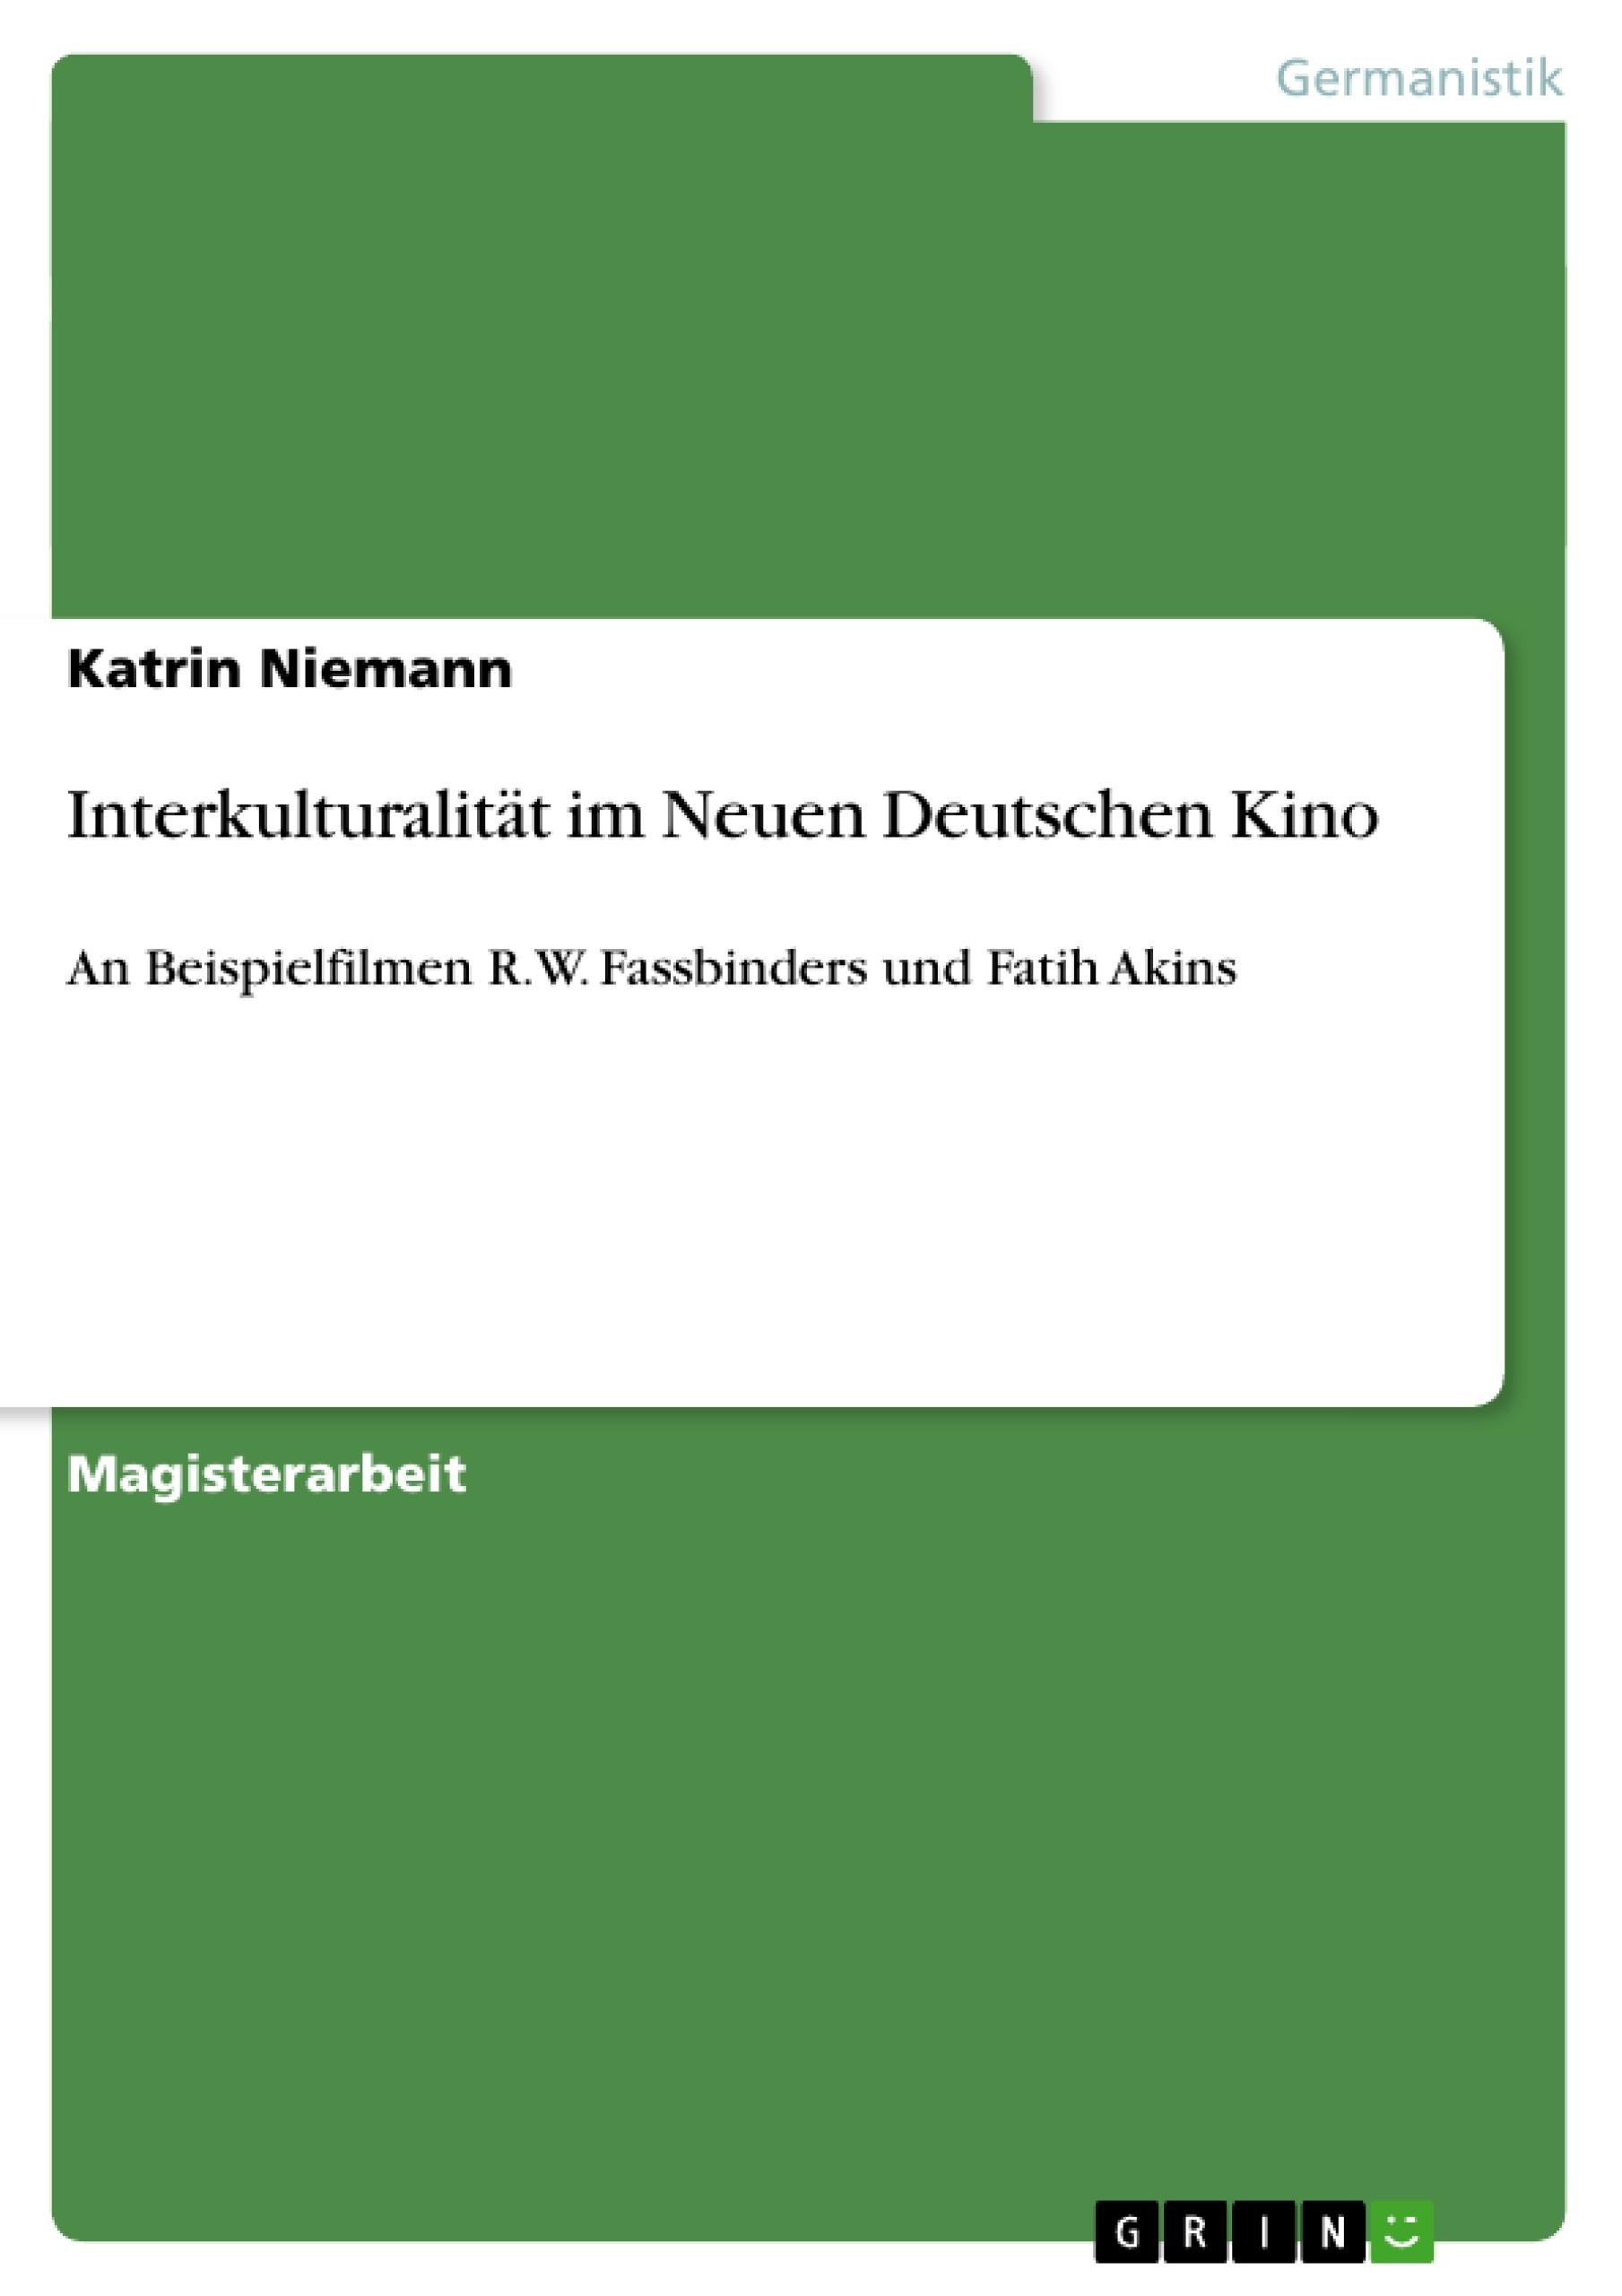 Titel: Interkulturalität im Neuen Deutschen Kino